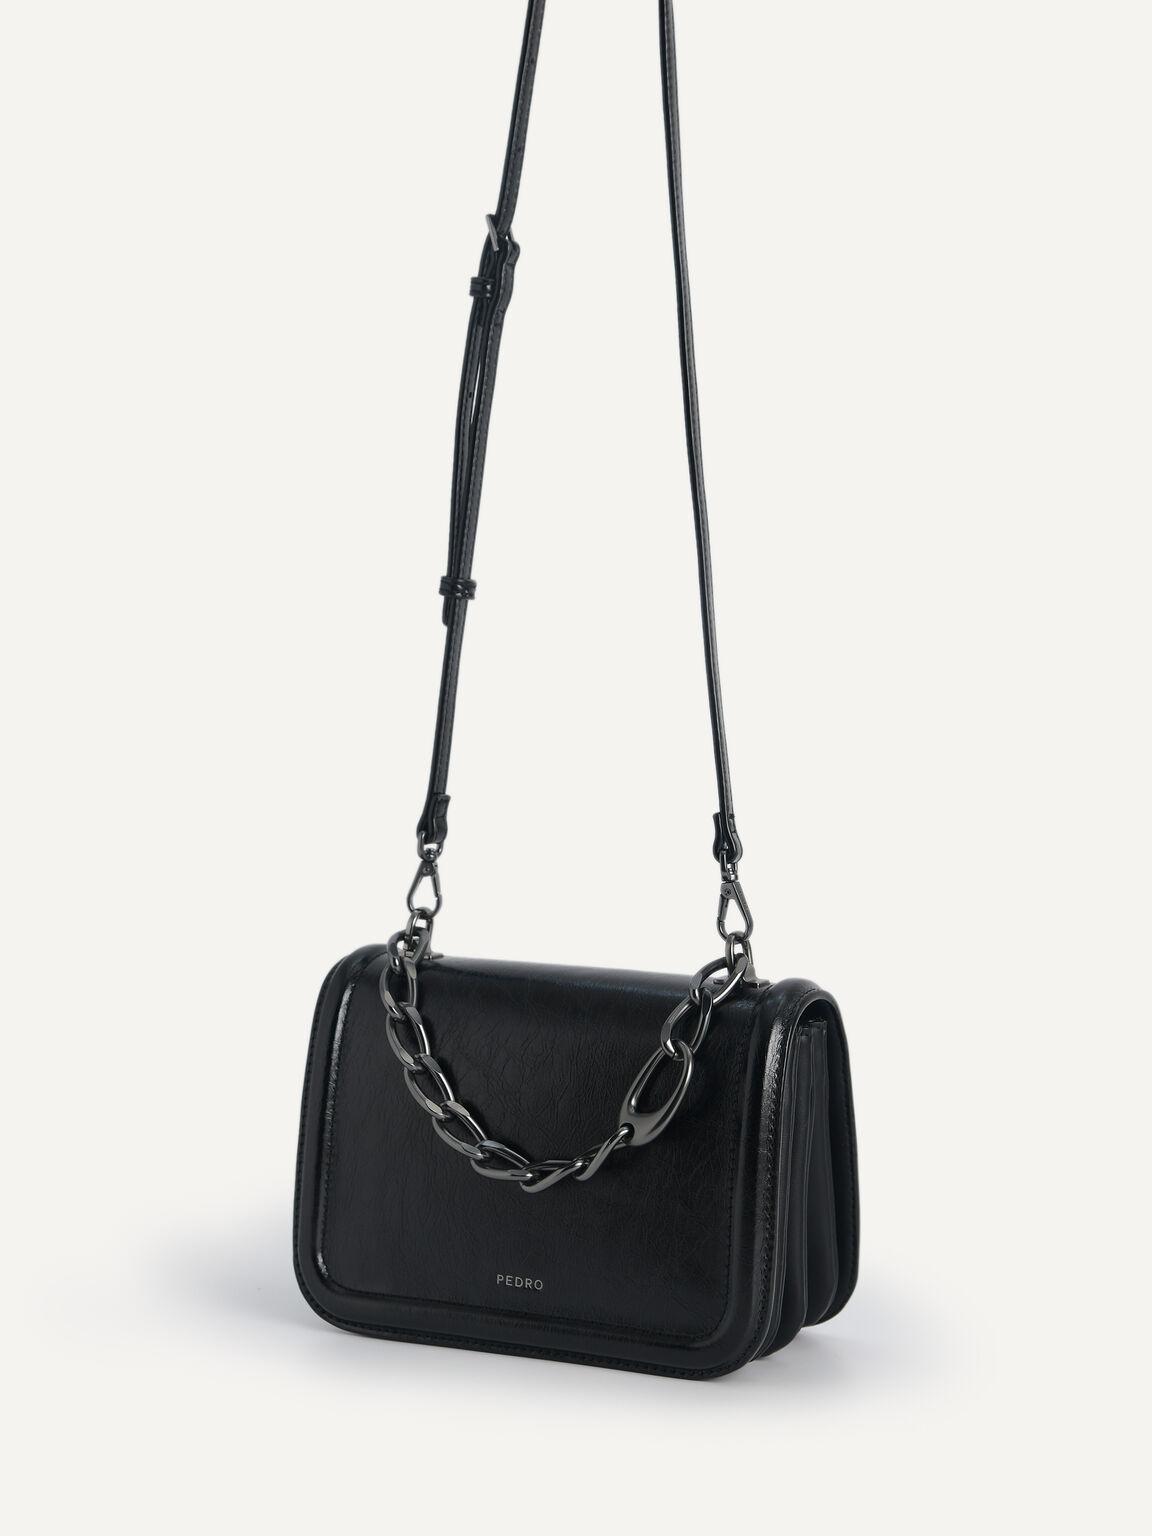 Chain-Strap Shoulder Bag, Black, hi-res